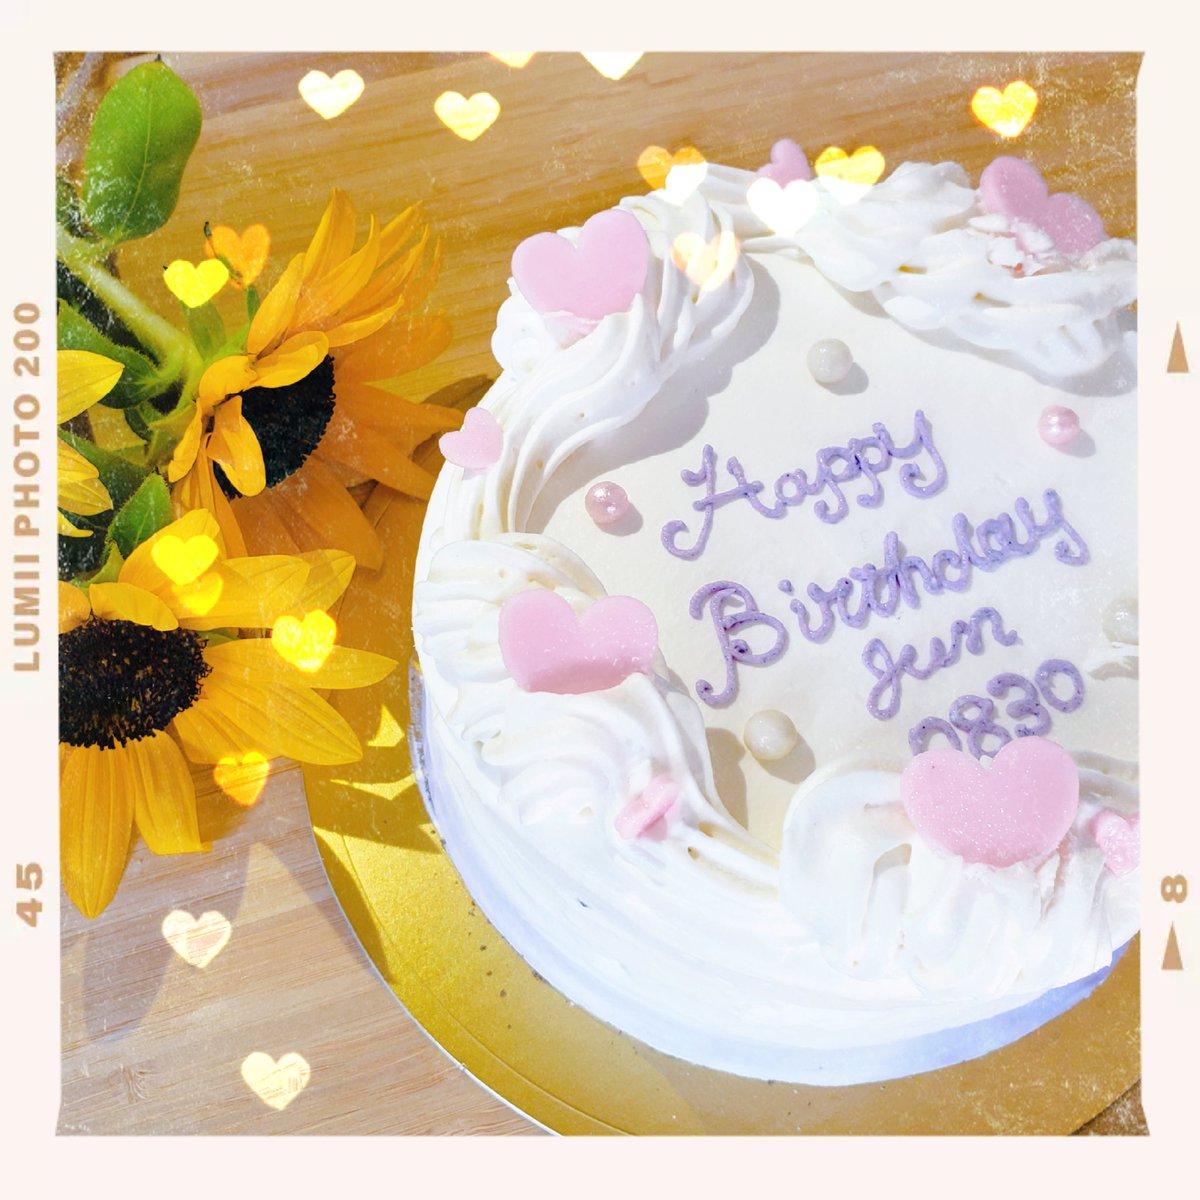 今日は「おジャ魔女どれみ」のどれみちゃん誕生祭でした!どれみちゃんおめでとう!